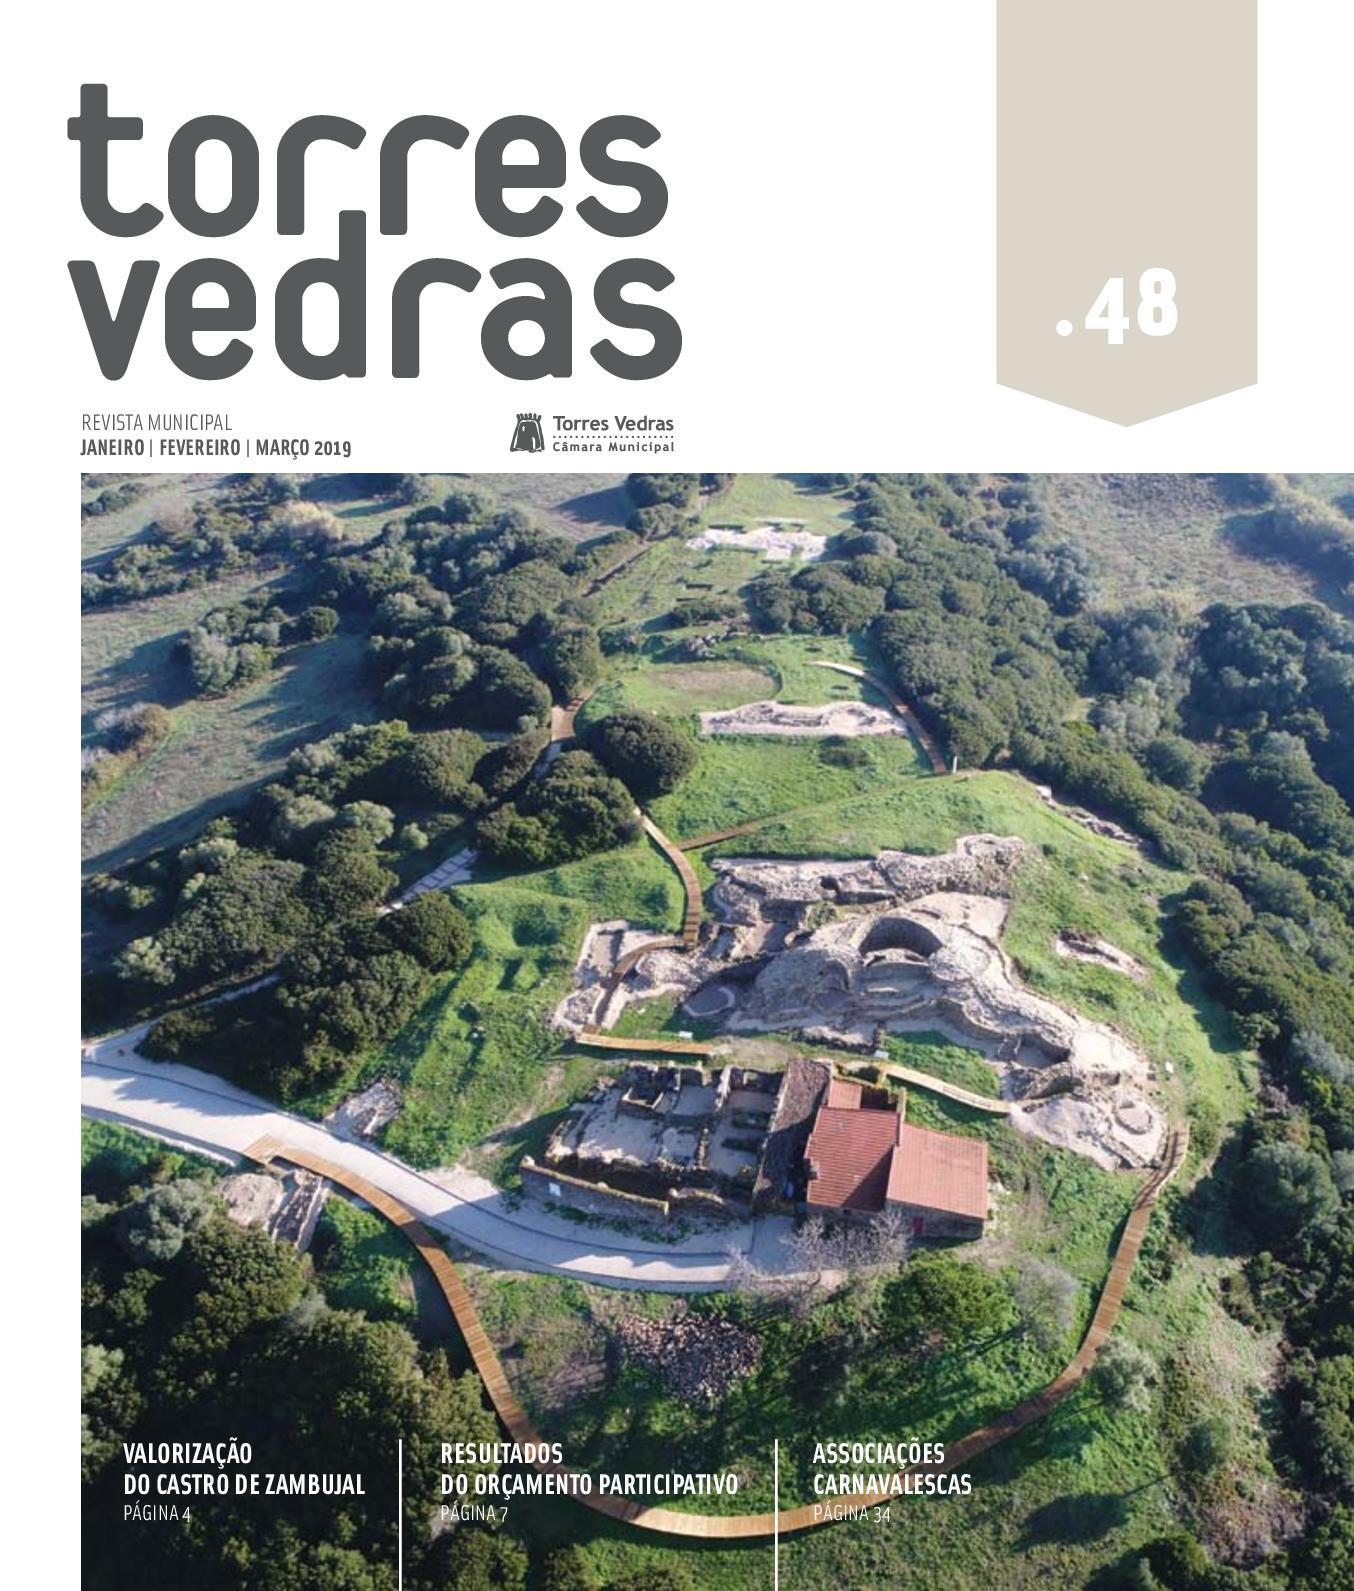 Calaméo - Revista Municipal Torres Vedras Nº48 - janeiro fevereiro março  2019 176d73dfd3fe5